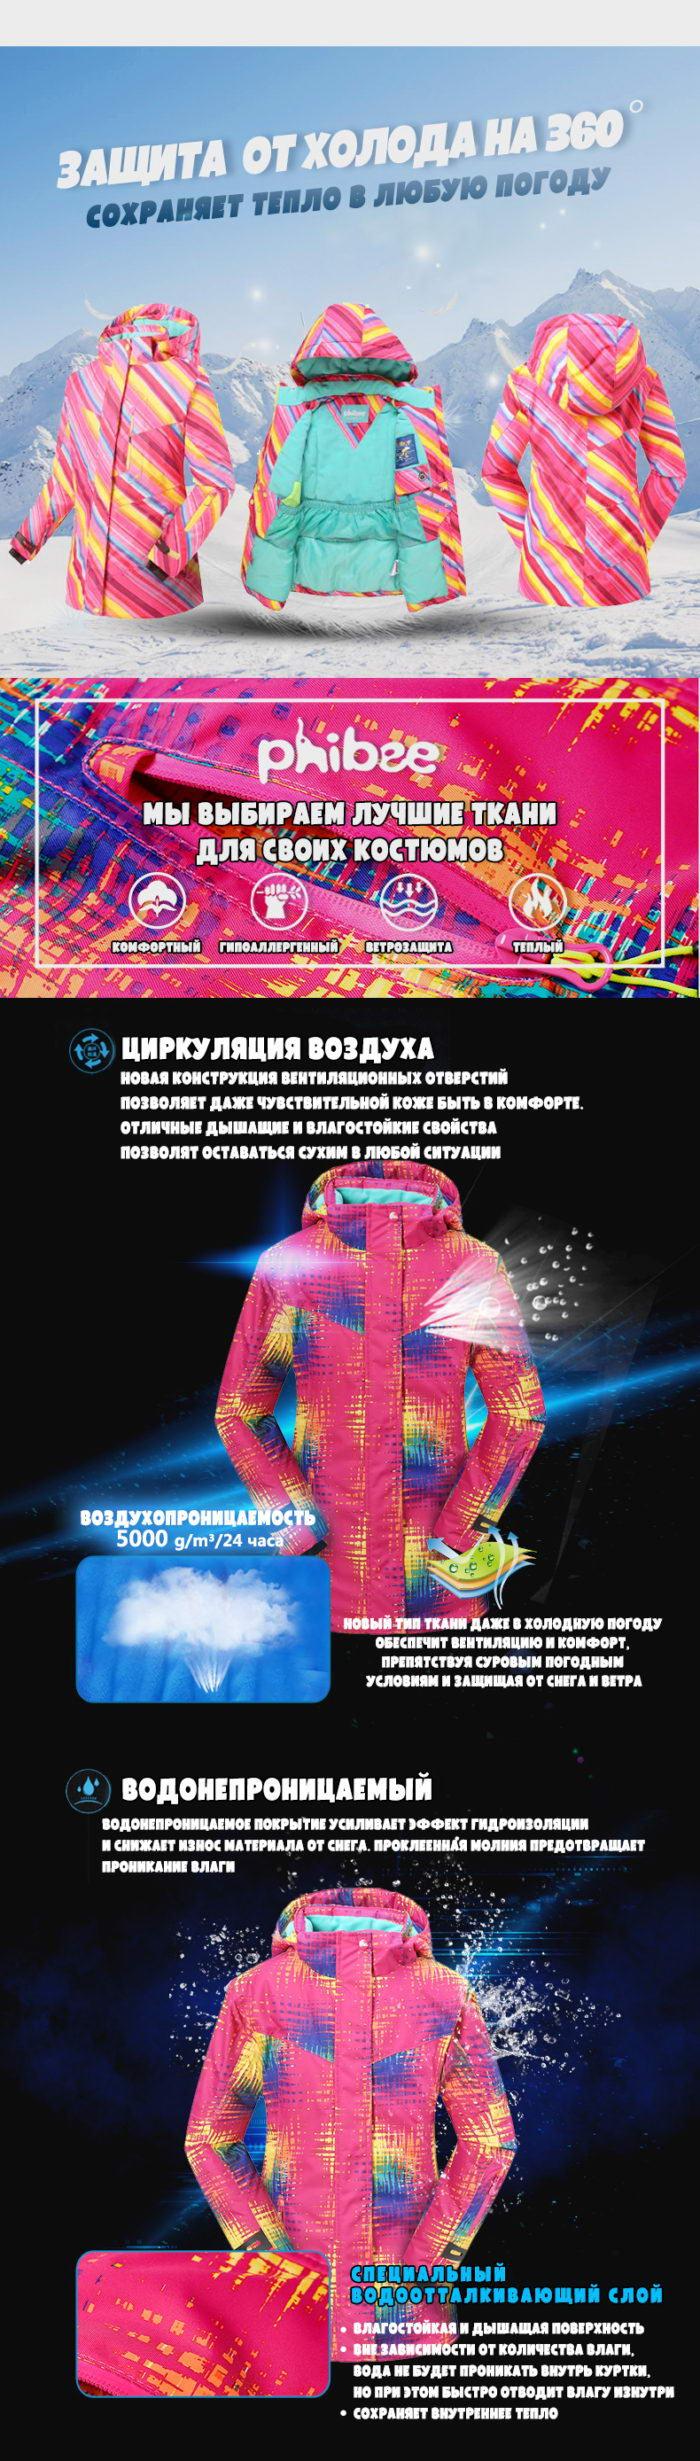 Купить горнолыжные костюмы Екатеринбург